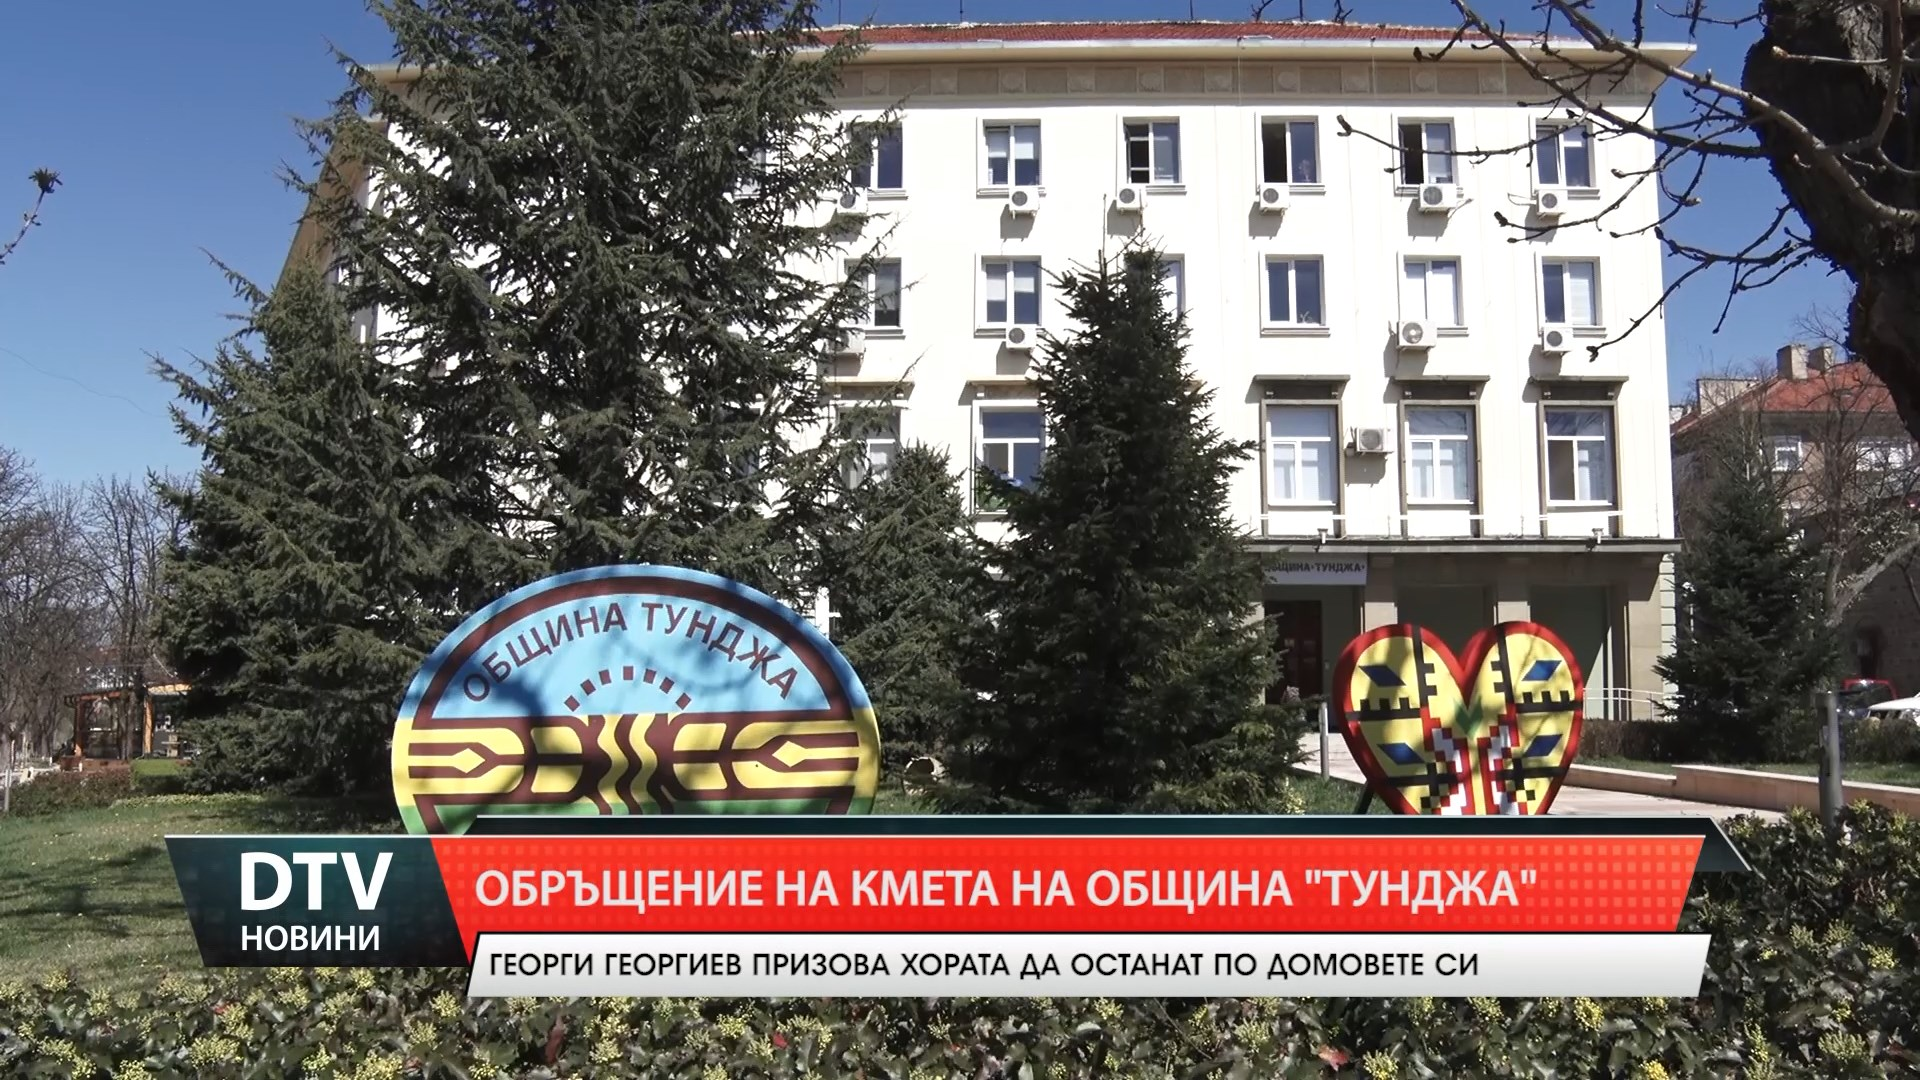 Кметът на община Тунджа призова хората да останат по домовете си!